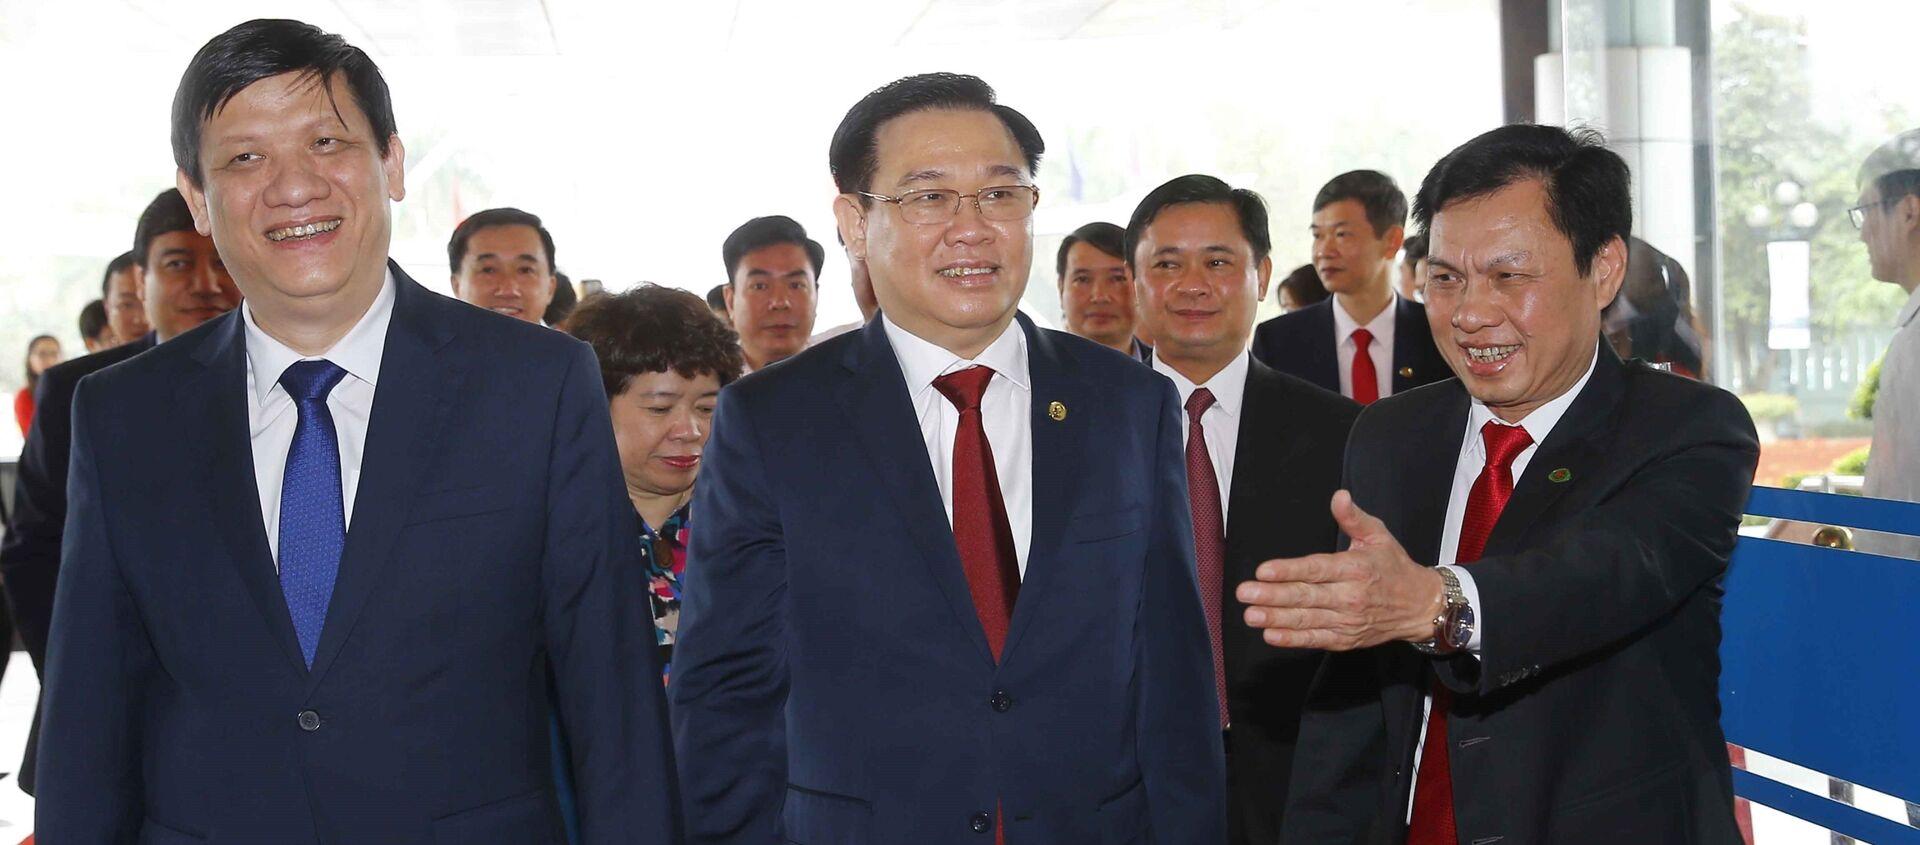 Chủ tịch Quốc hội Vương Đình Huệ dự Lễ đón nhận - Sputnik Việt Nam, 1920, 11.04.2021